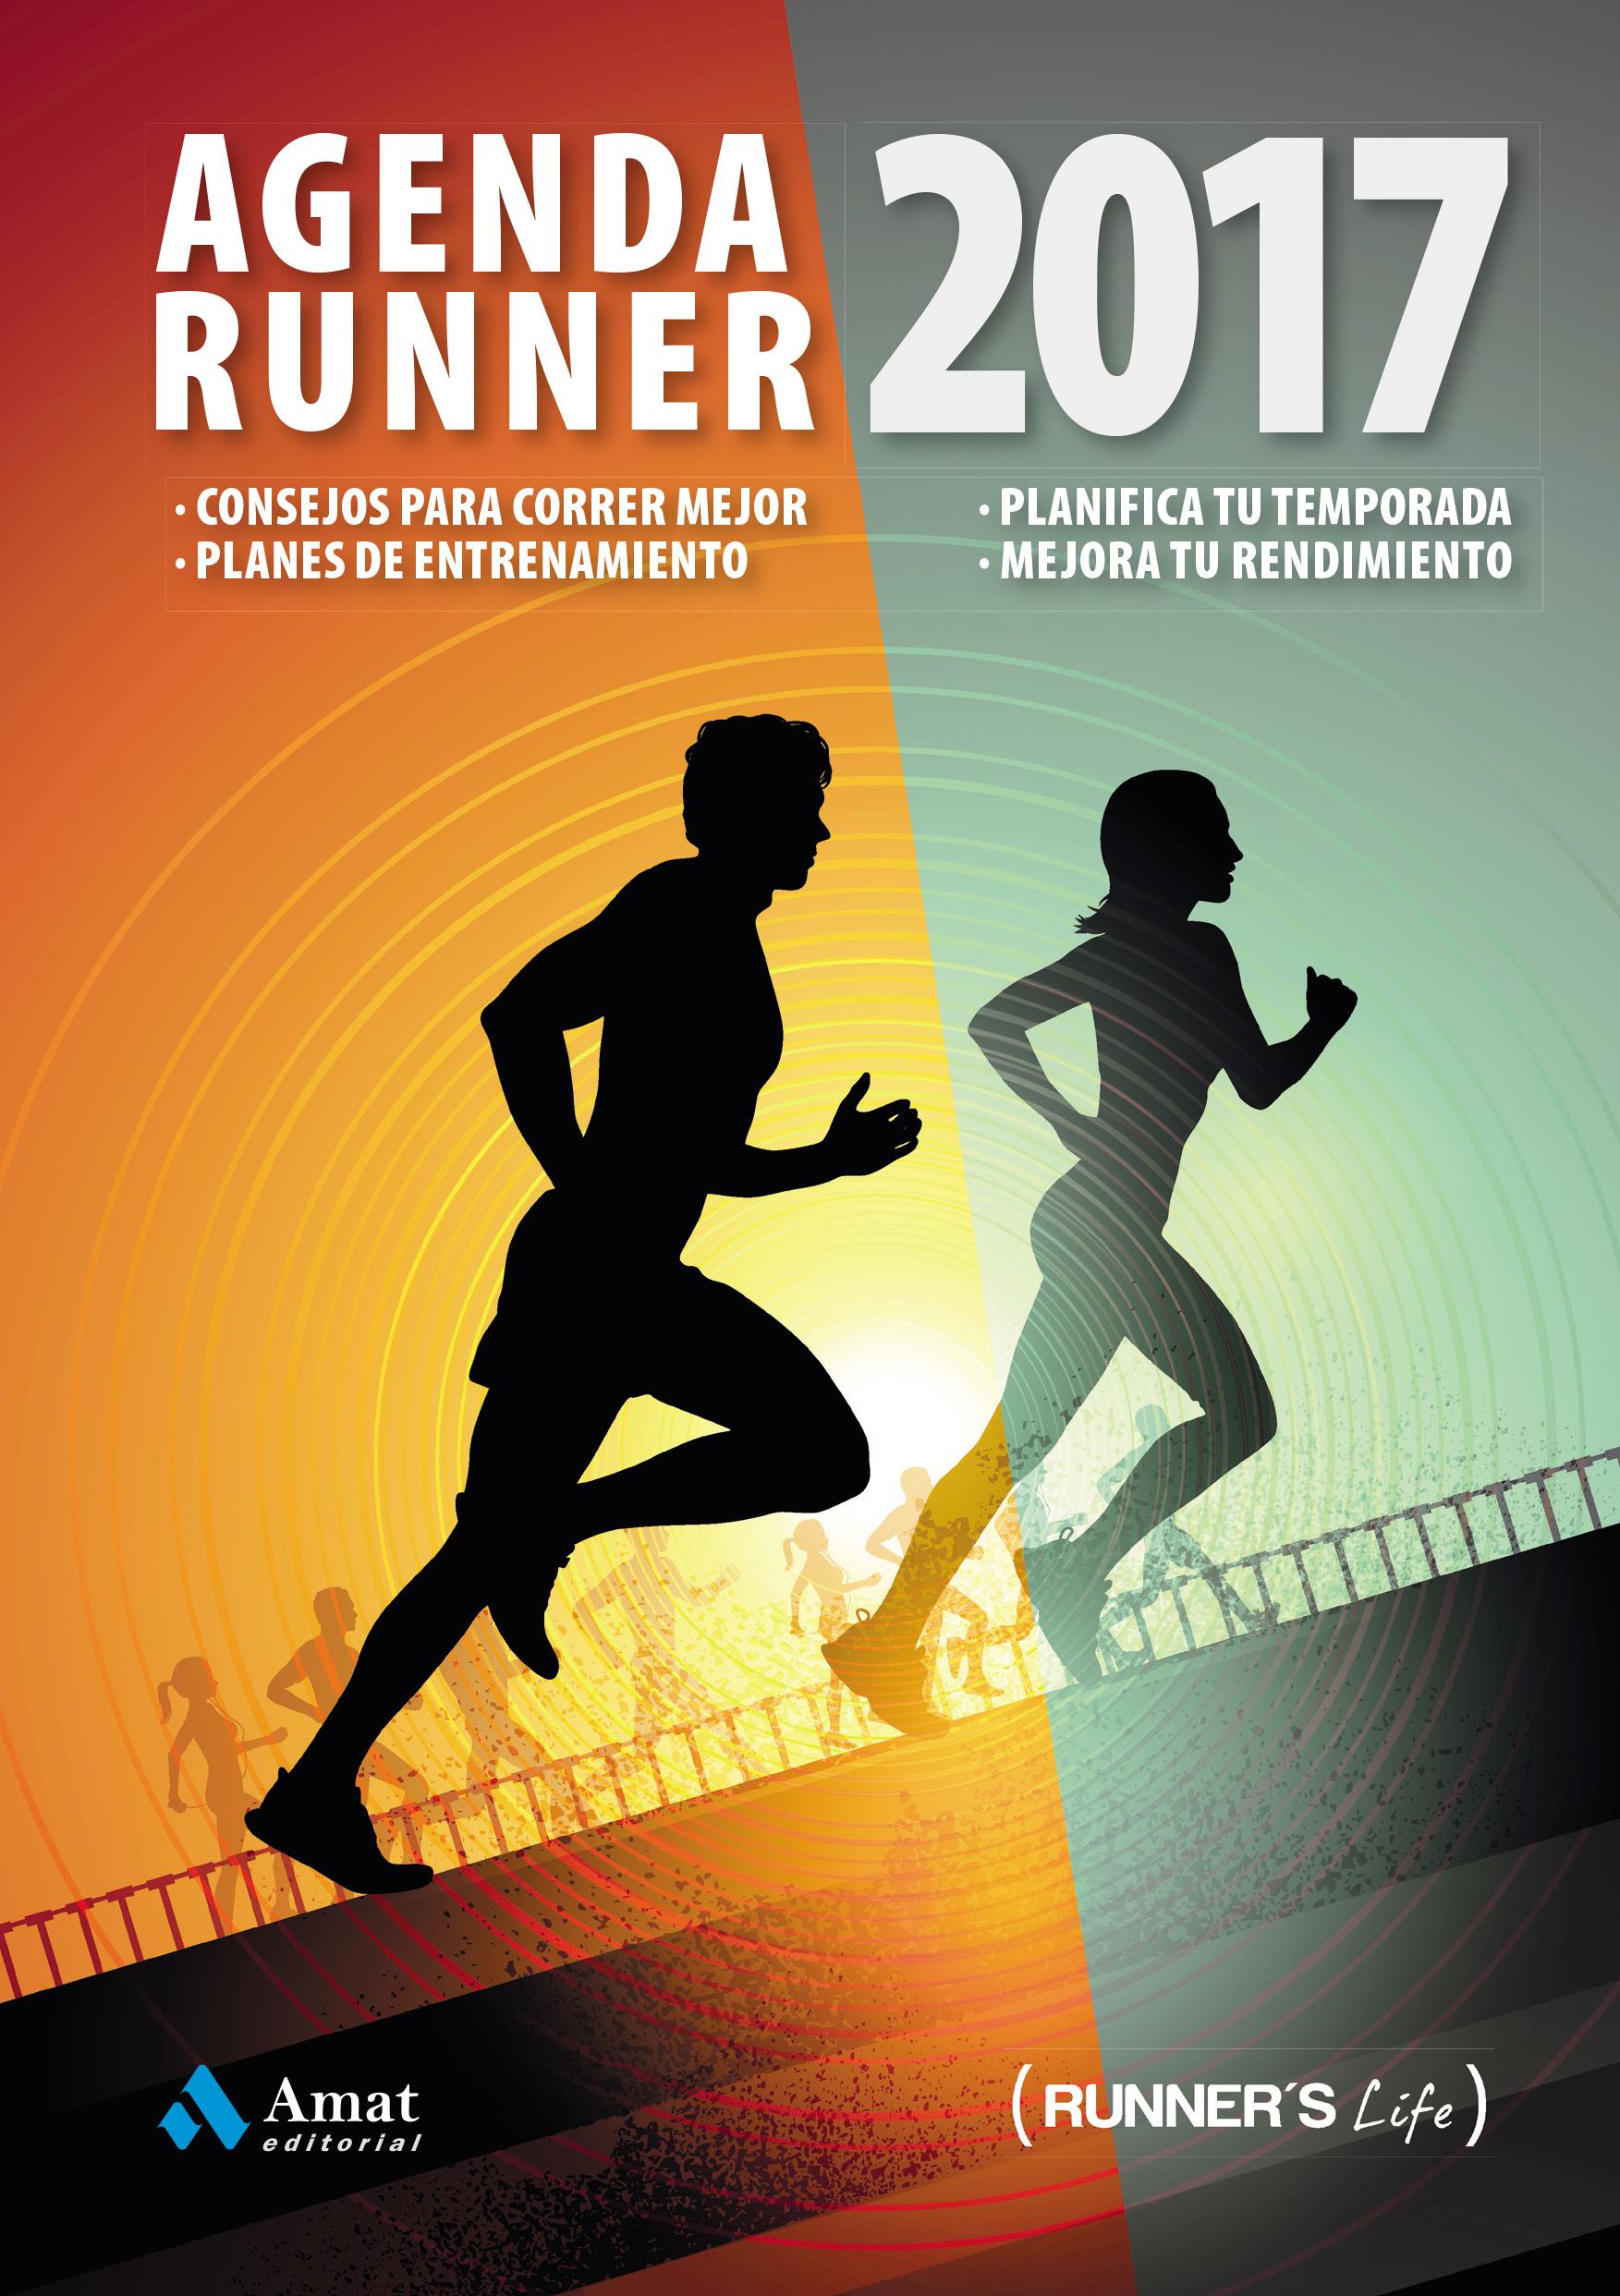 AGENDA RUNNER 2017